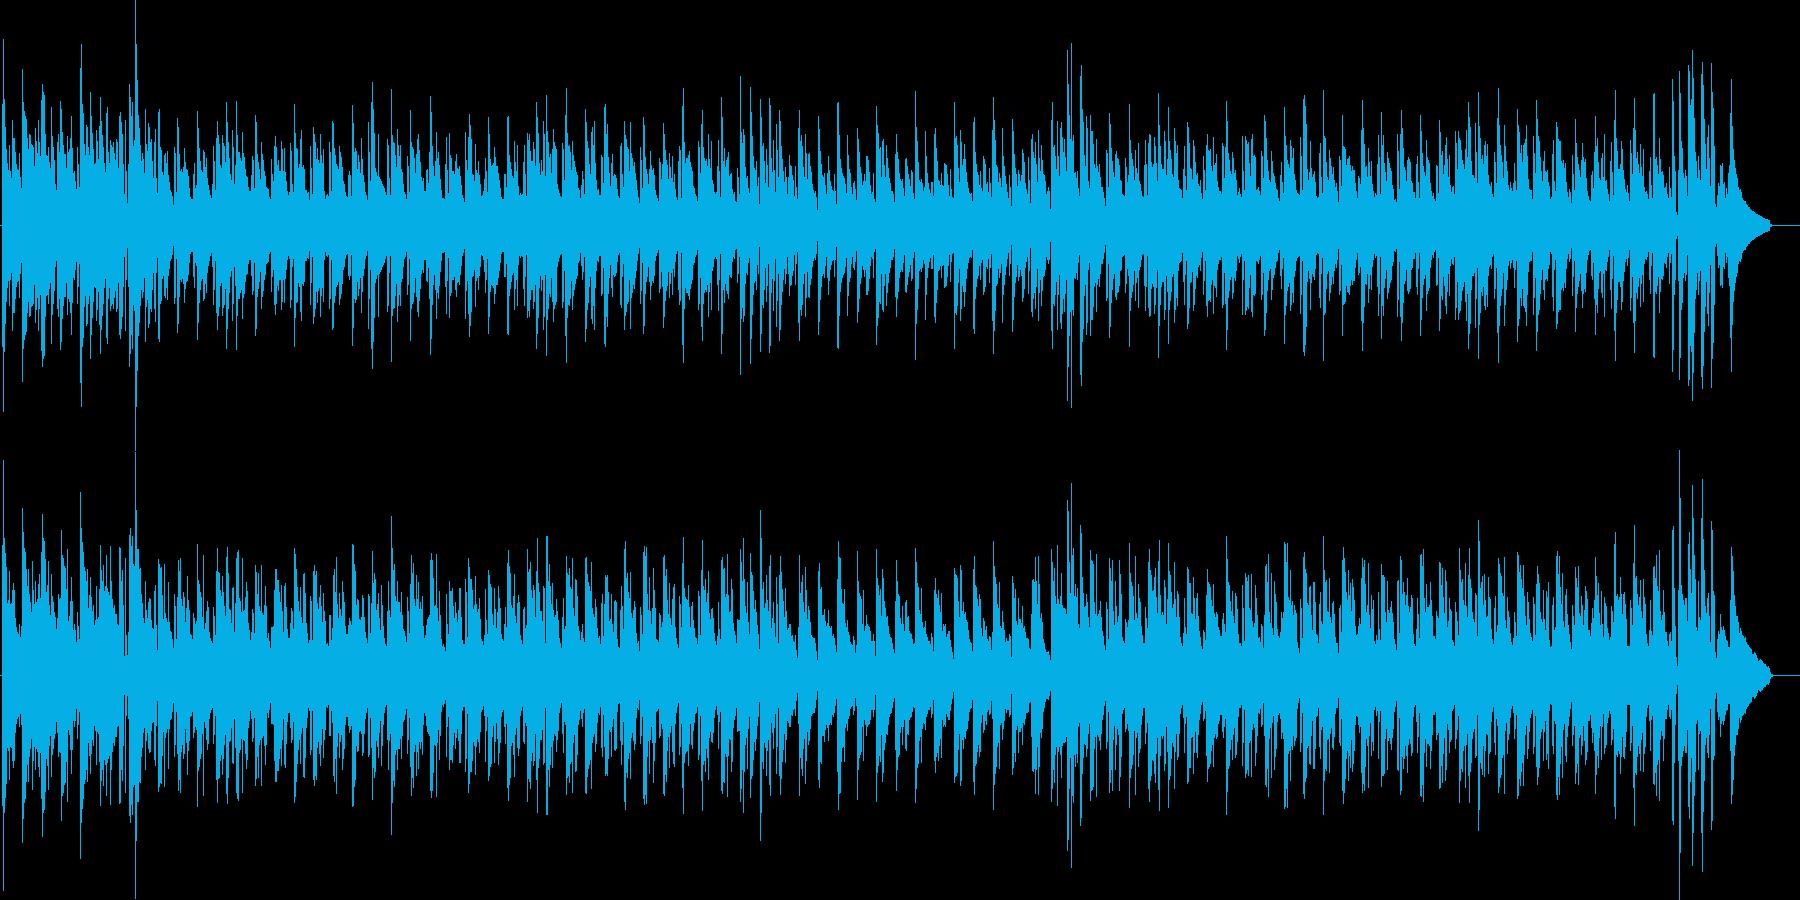 まったりハワイアンな曲の再生済みの波形